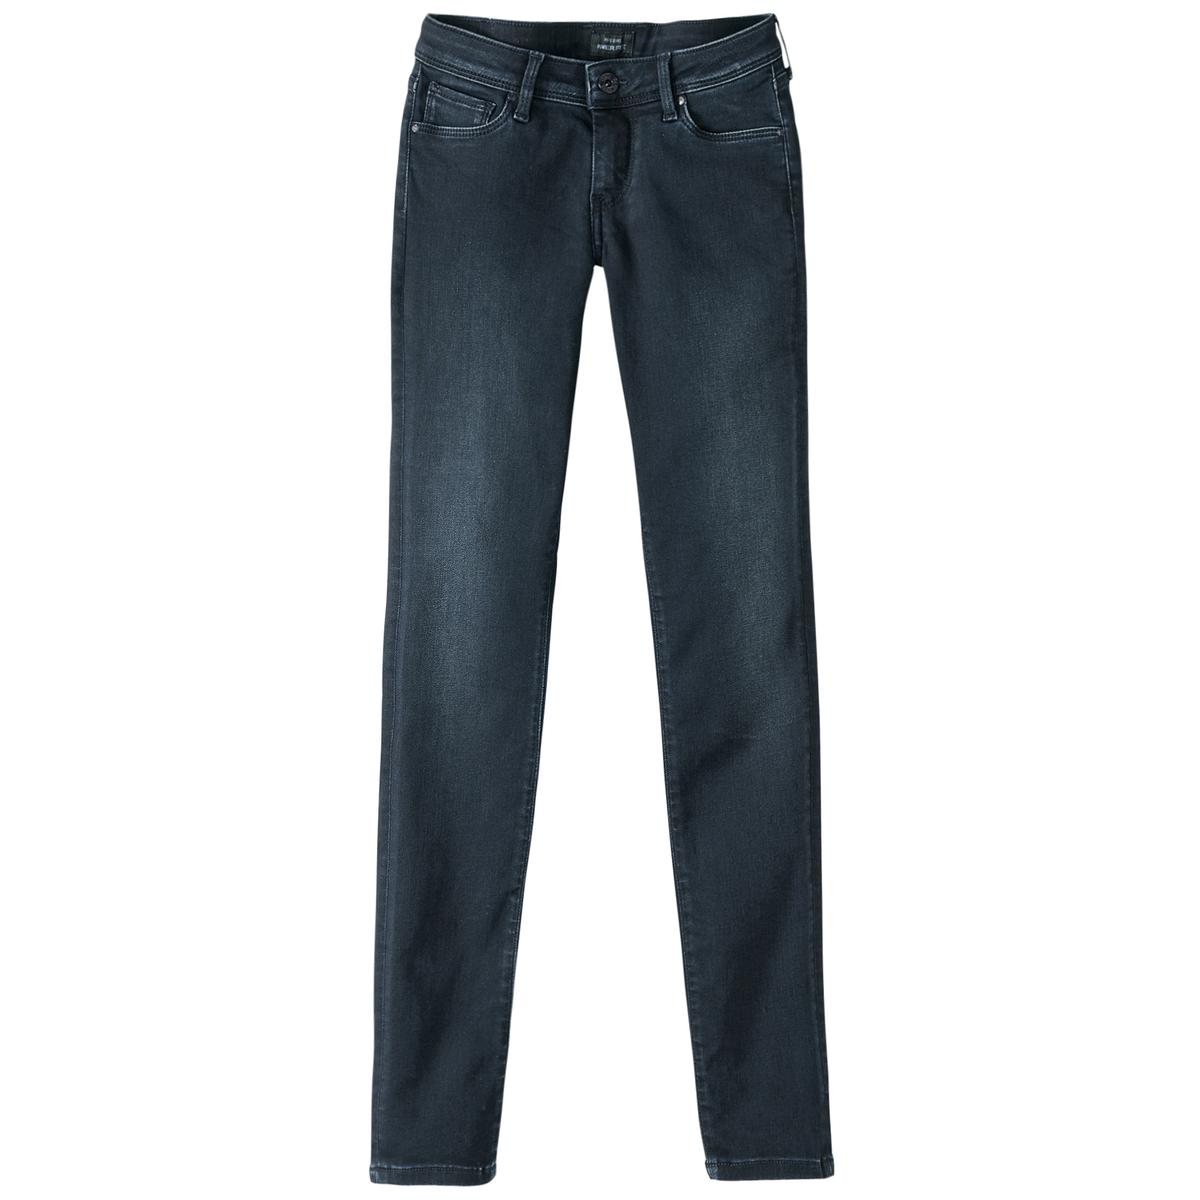 Джинсы супер скинни LOLA, высота пояса стандартная, L30Детали •  Супер скинни • Высота пояса стандартнаяСостав и уход •  91% хлопка, 4% эластана, 5% эластомультиэстера •  Следуйте рекомендациям по уходу, указанным на этикетке товара<br><br>Цвет: темно-синий линялый<br>Размер: 30 (US) длина 30